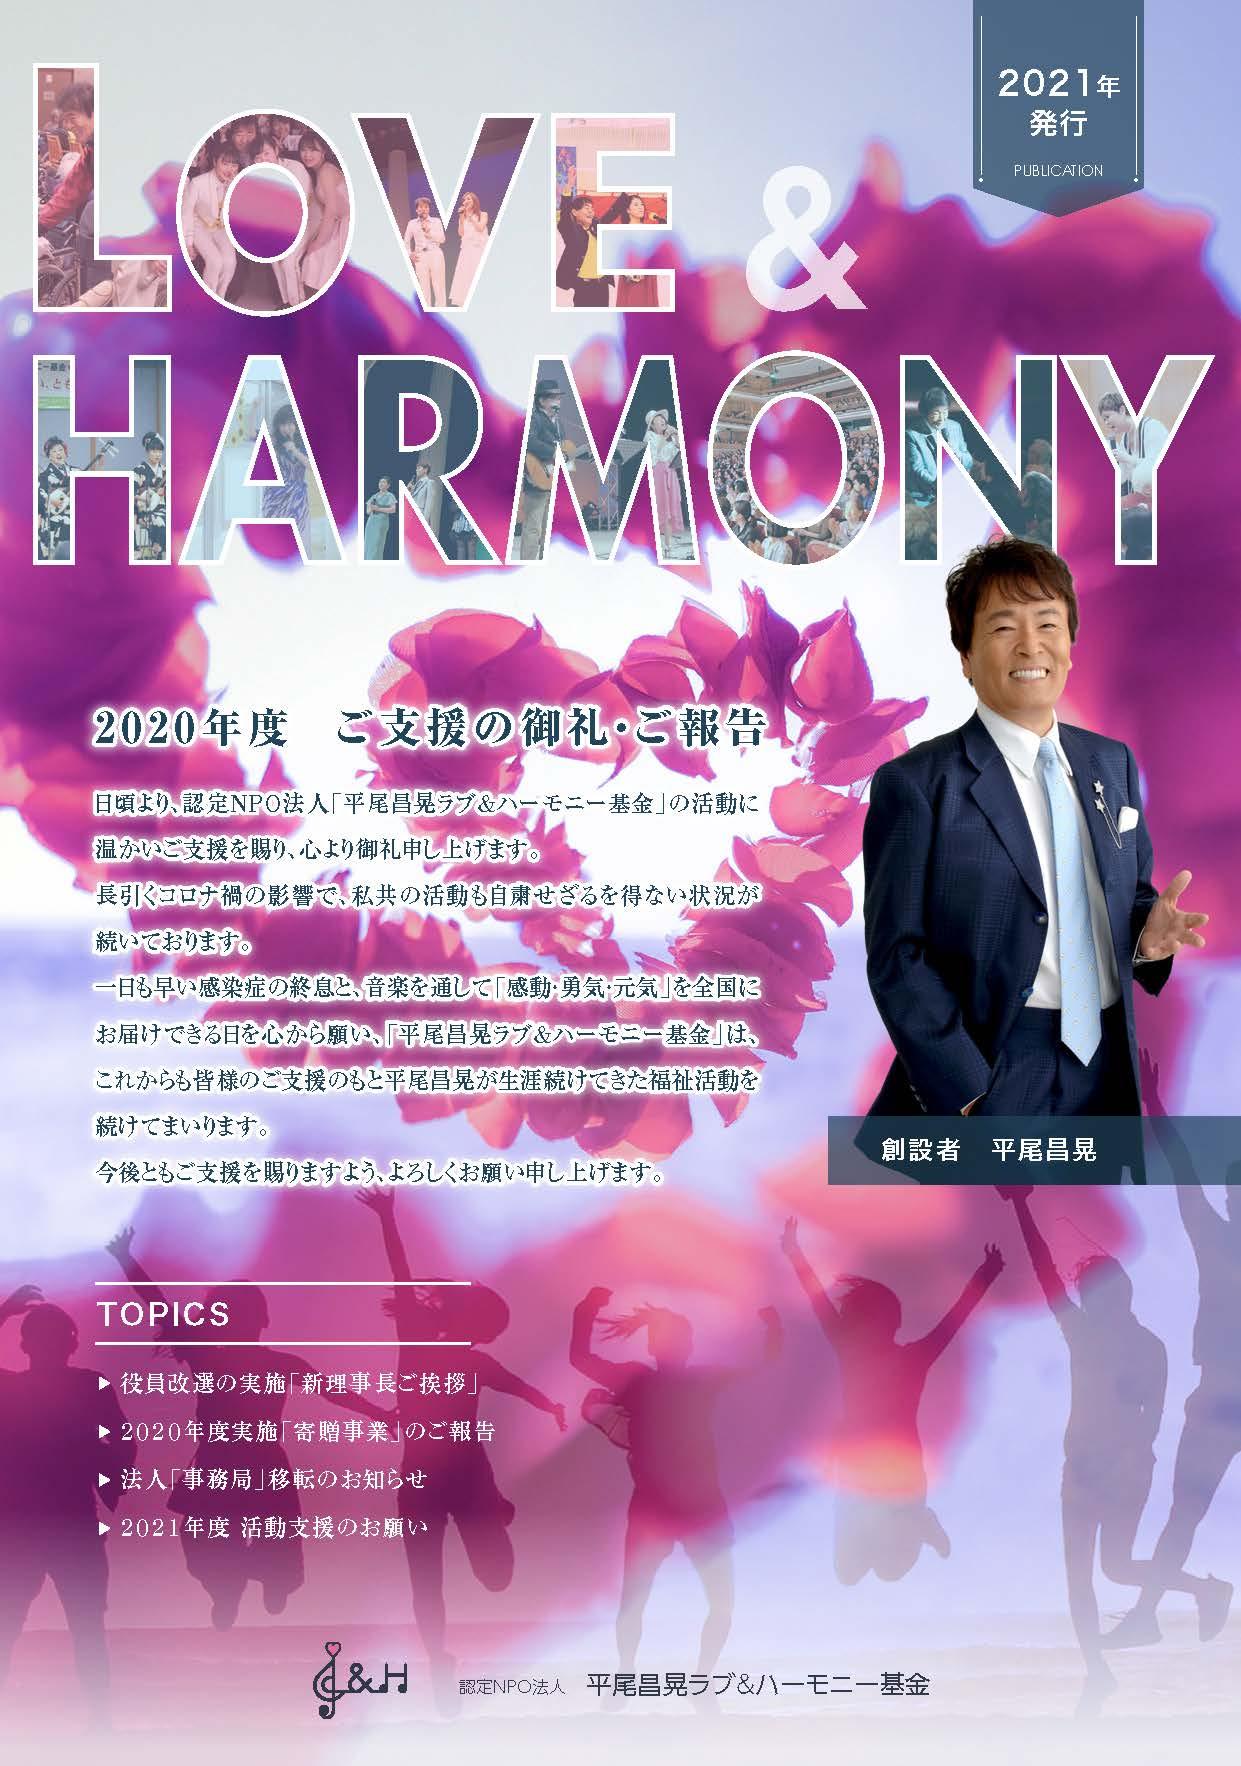 Love&Harmony2021